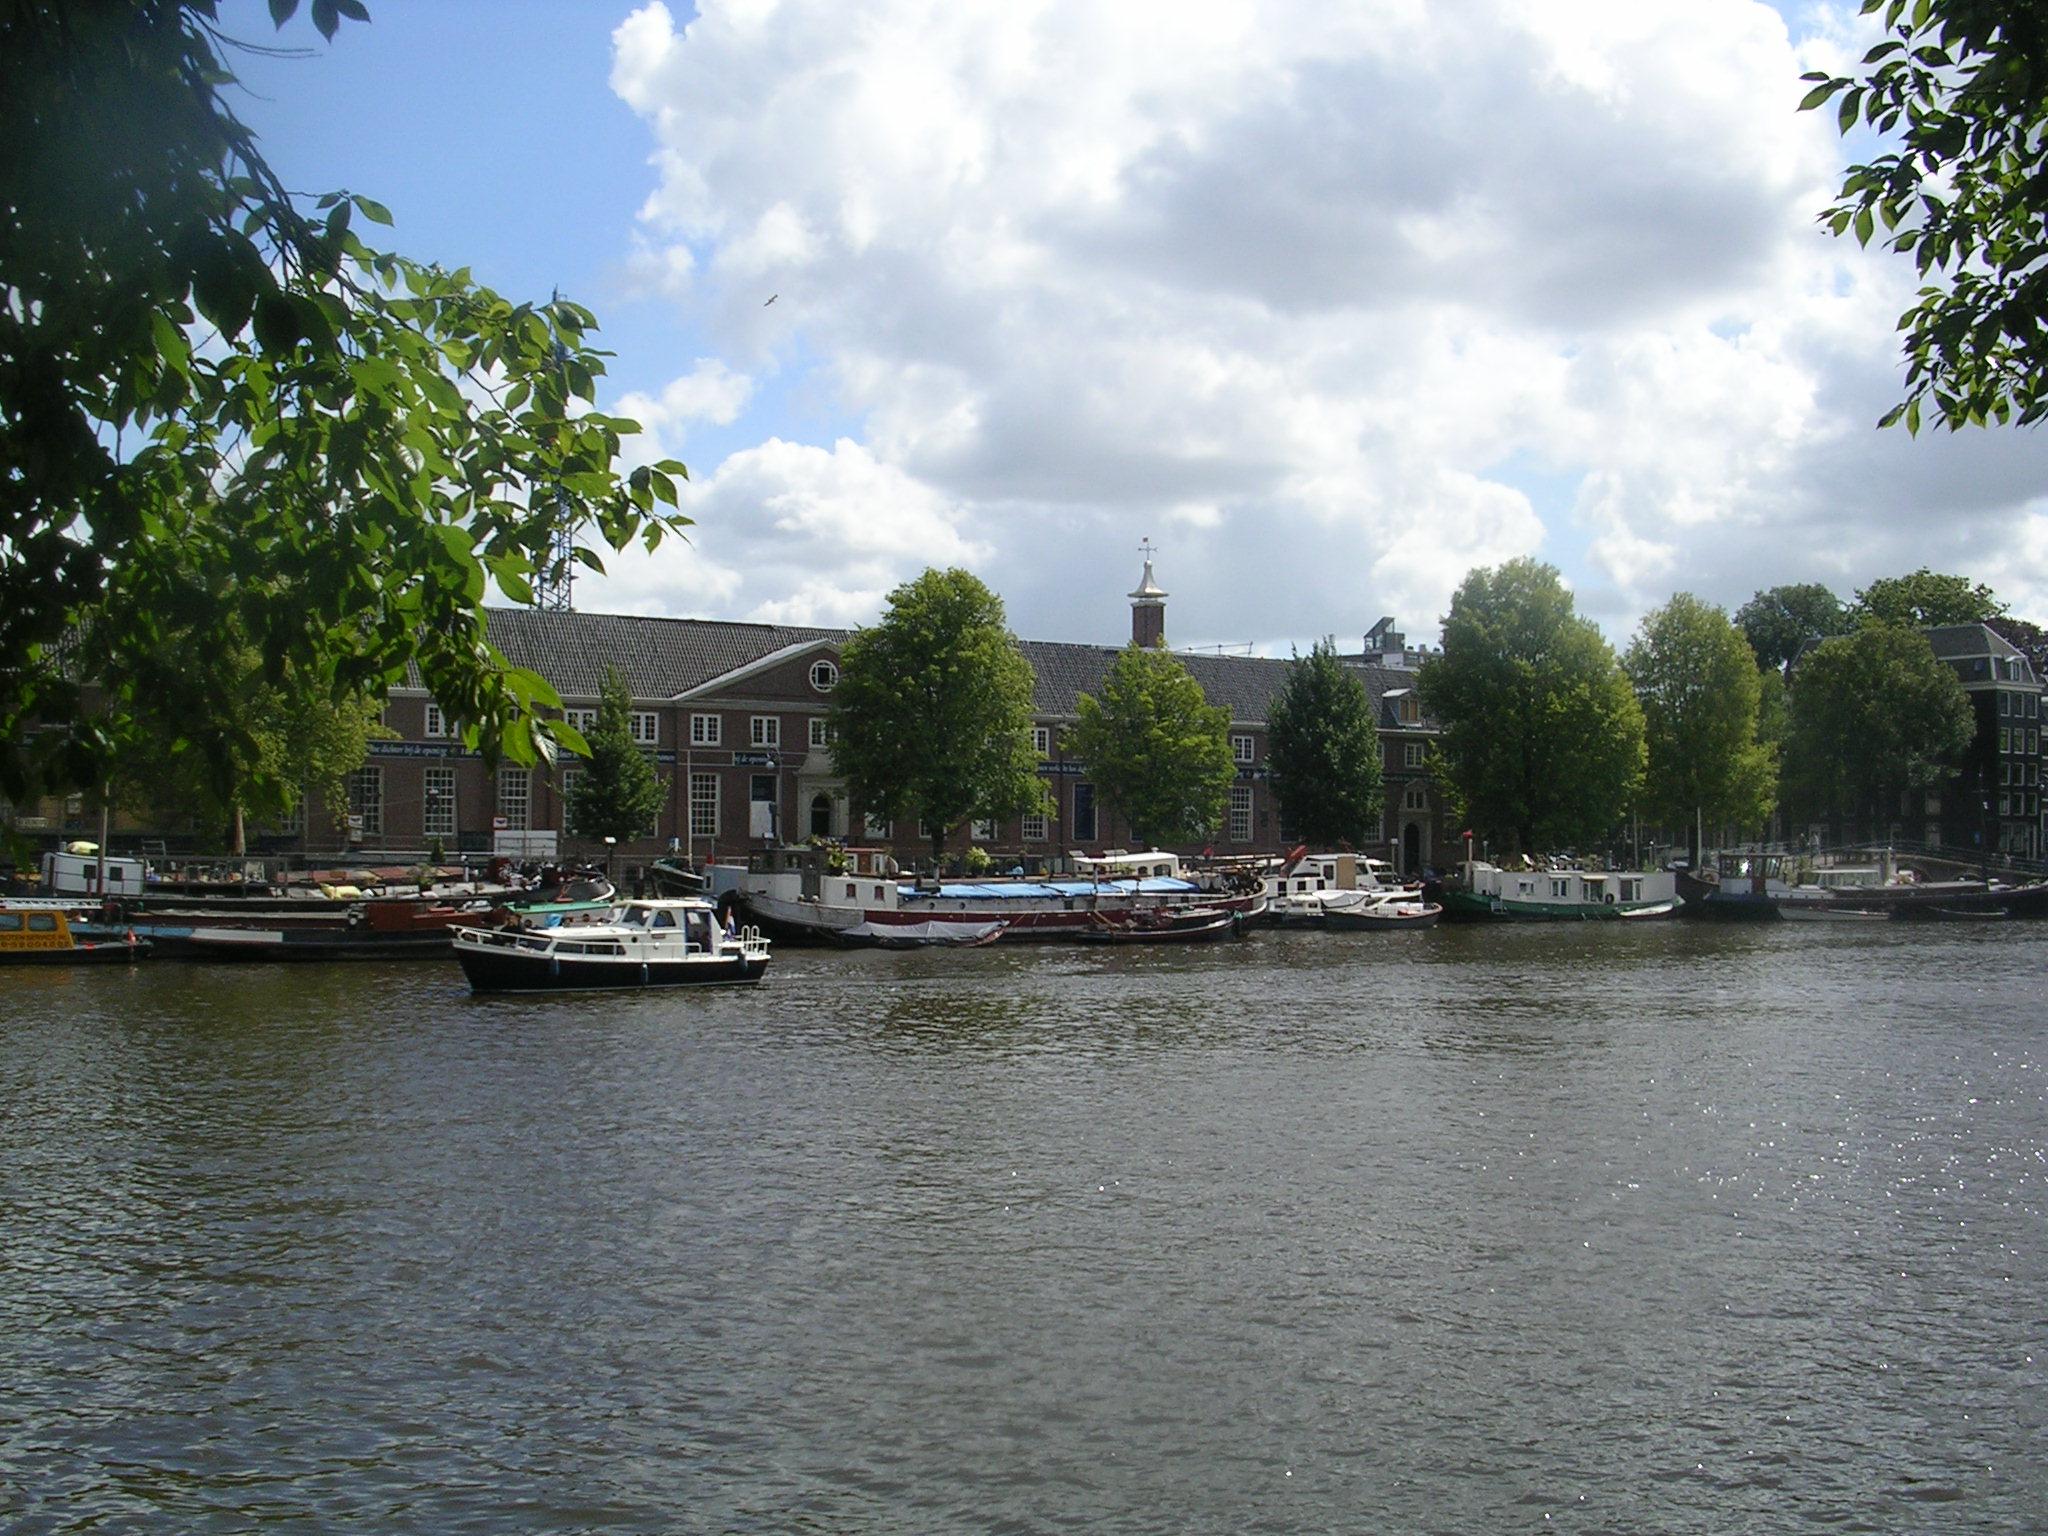 Moitos barcos que están á beira do canal son usados como vivenda